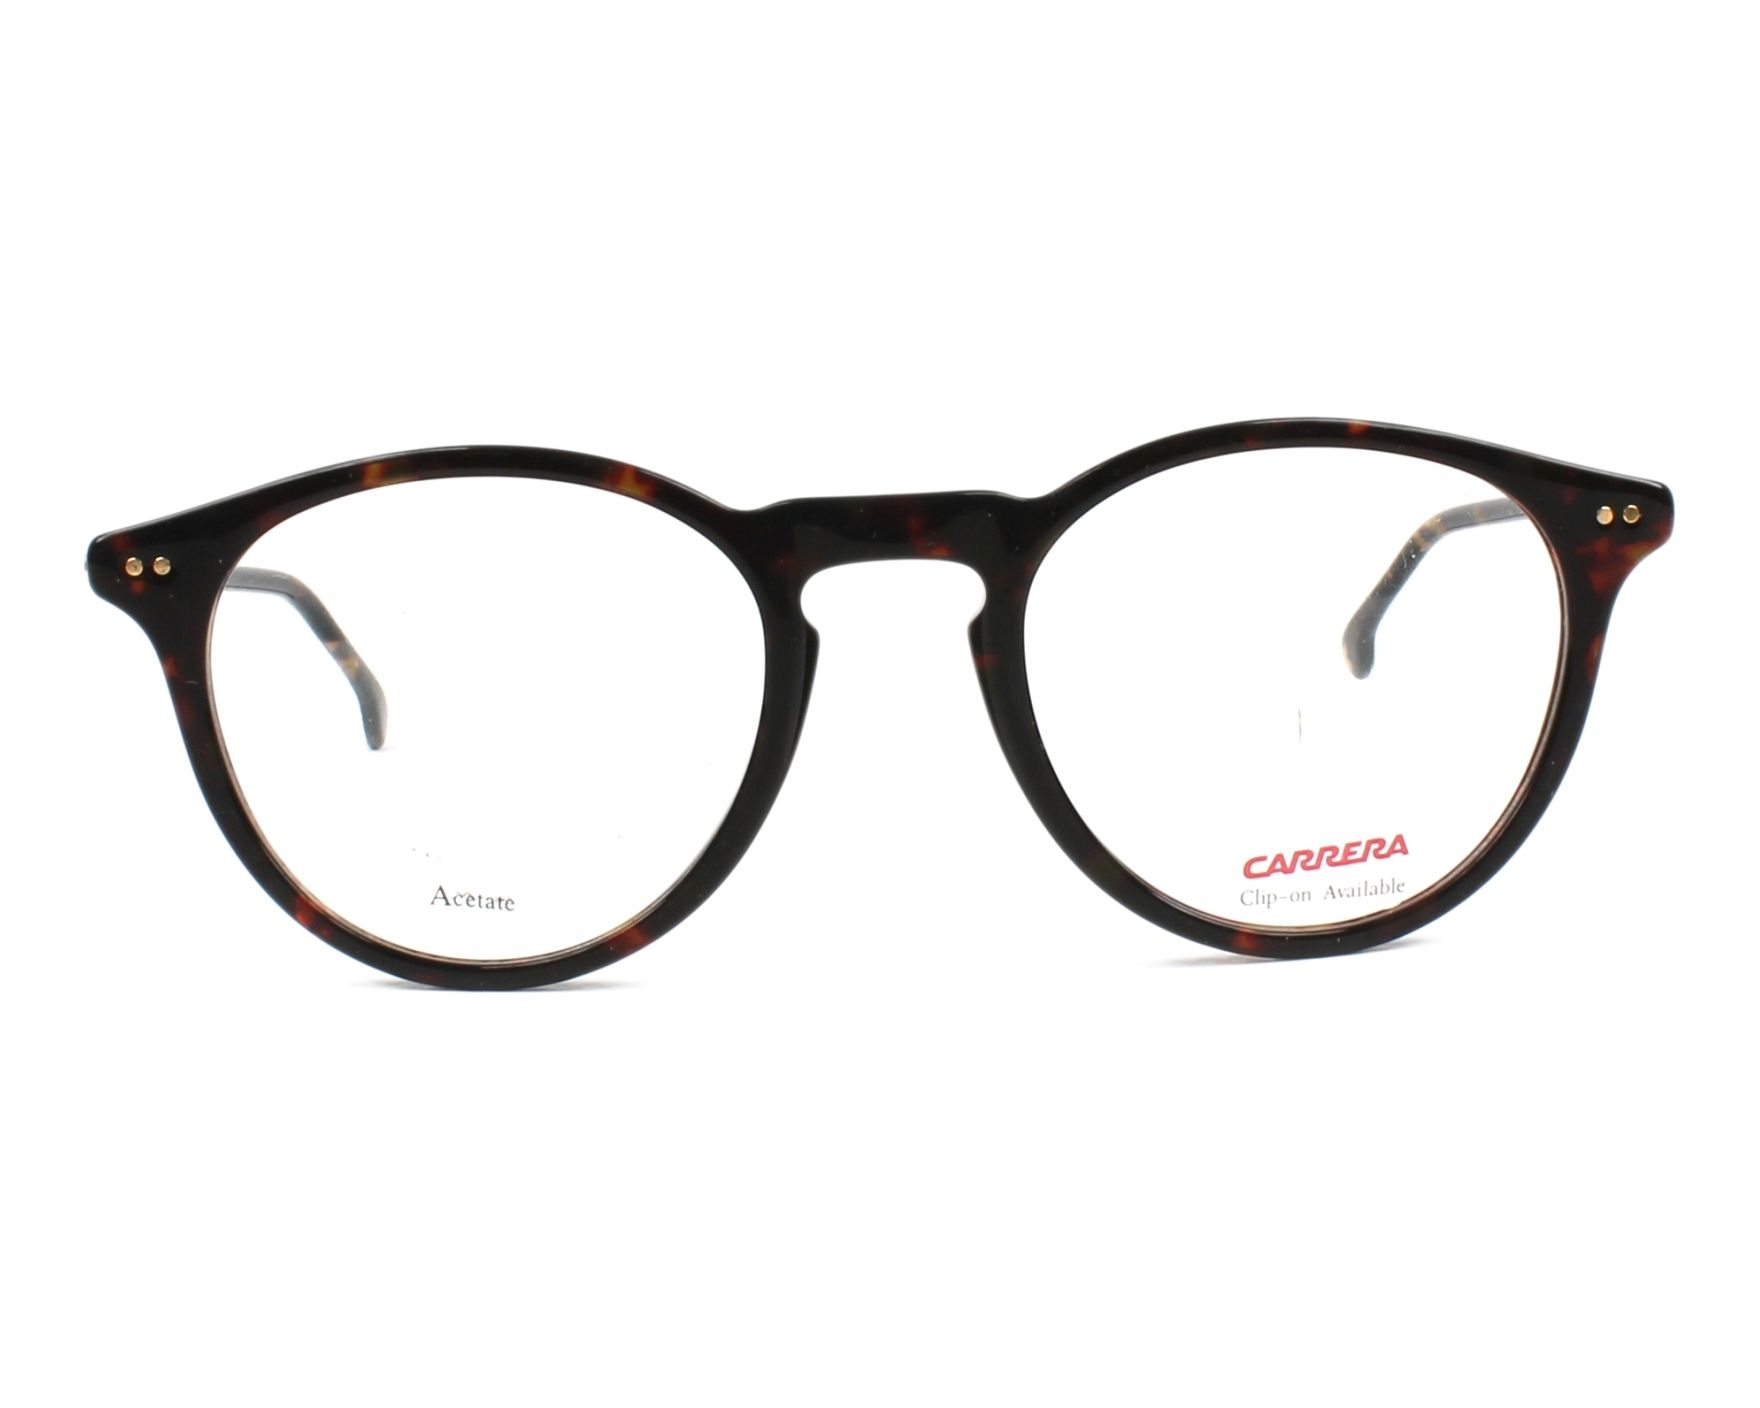 Carrera Eyeglasses Havana CARRERA-145-V 086 - Visionet US